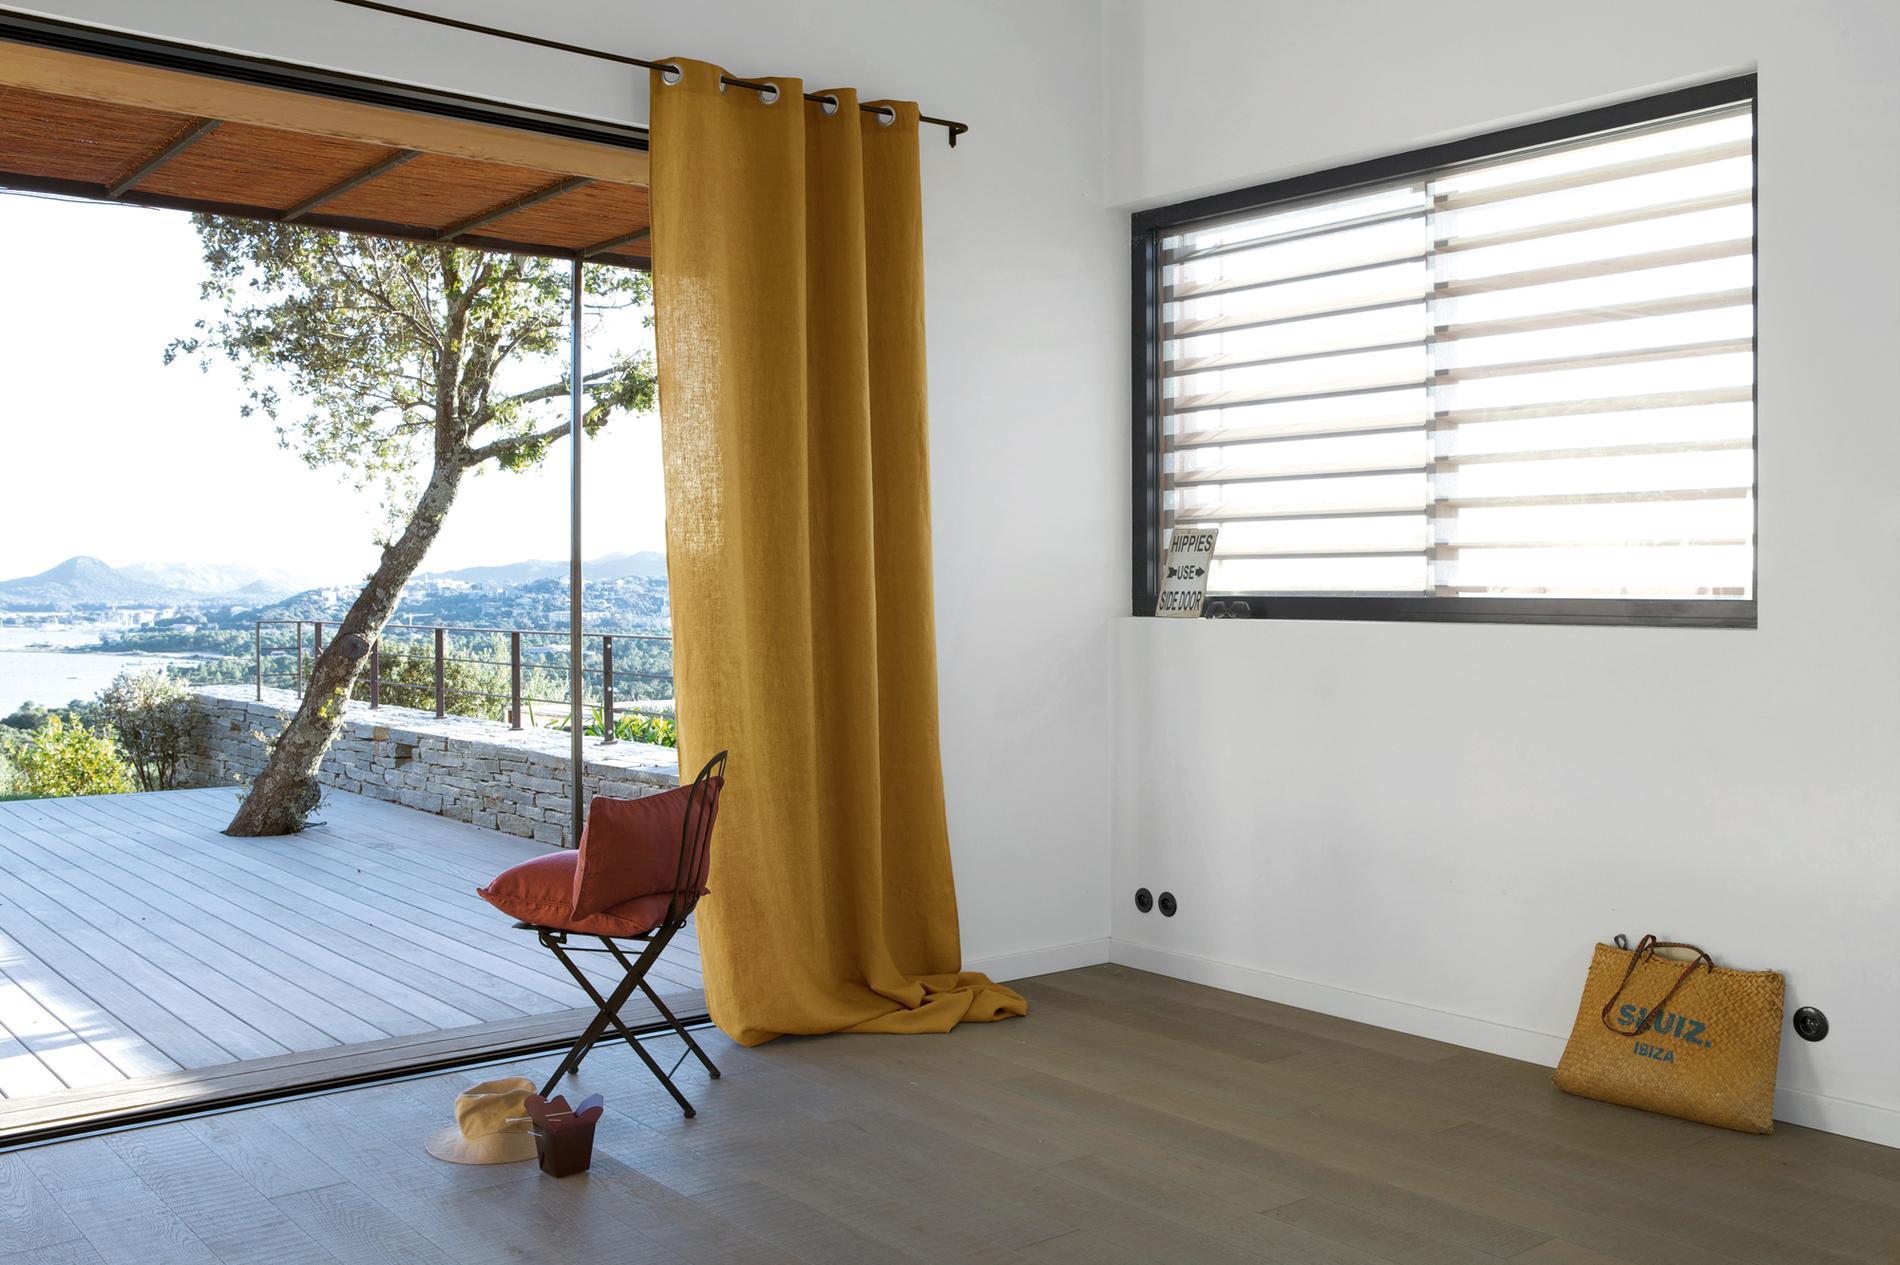 rideaux 20 nouveaut s pour habiller ses fen tres avec l gance madame figaro. Black Bedroom Furniture Sets. Home Design Ideas